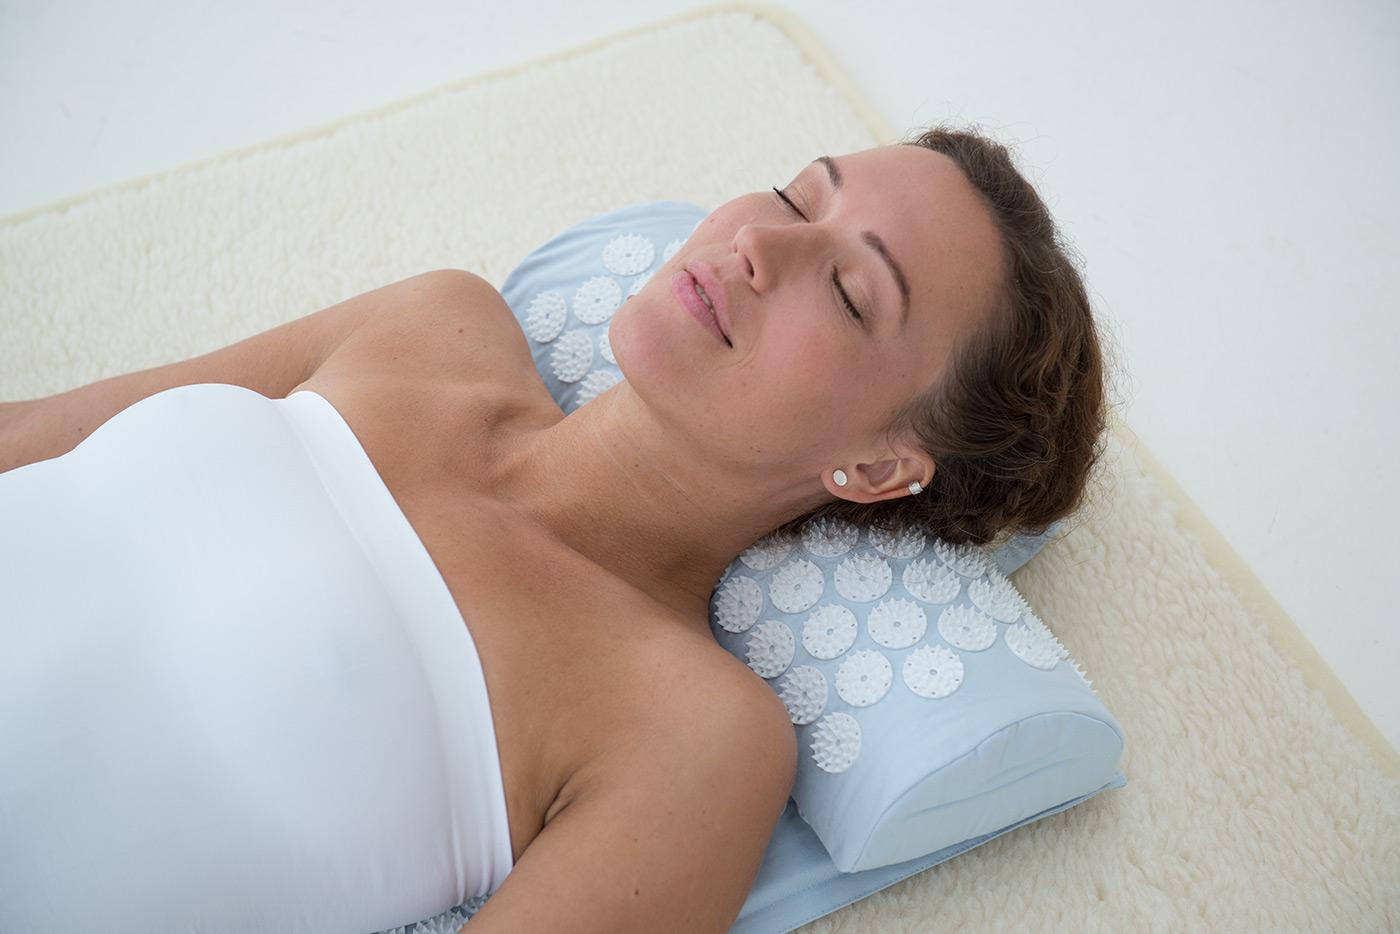 Neck cushion 'akupress relax'